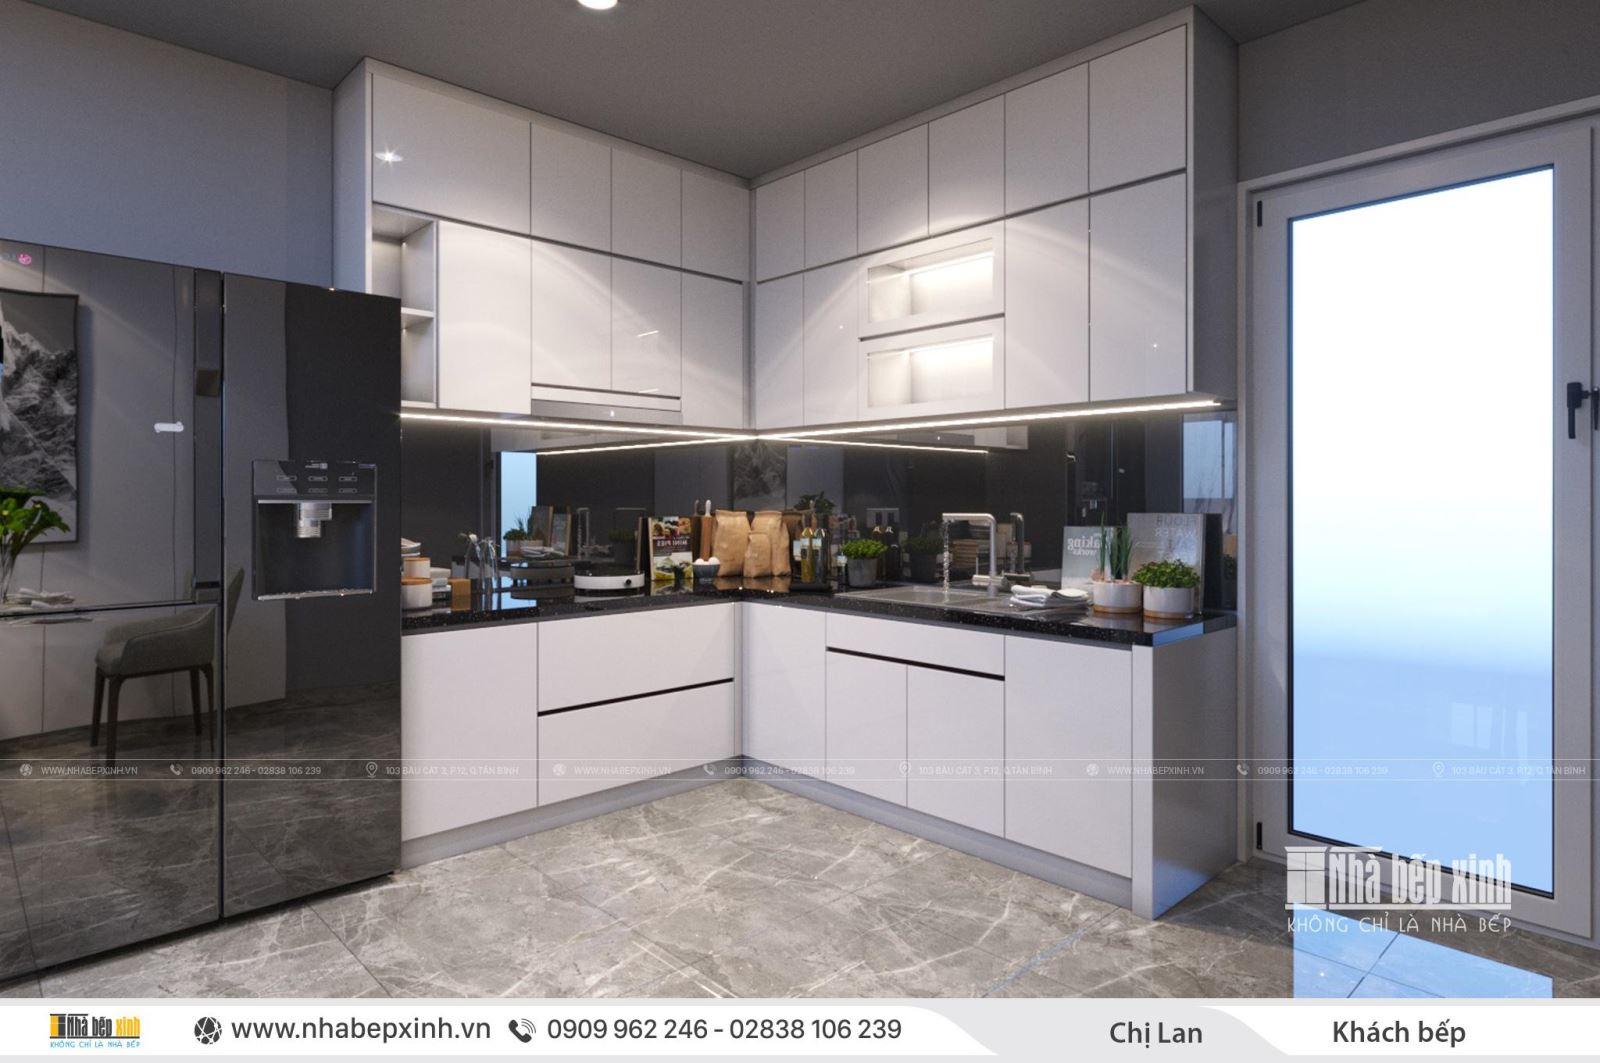 Thiết kế nội thất nguyên căn tiện nghi và hiện đại